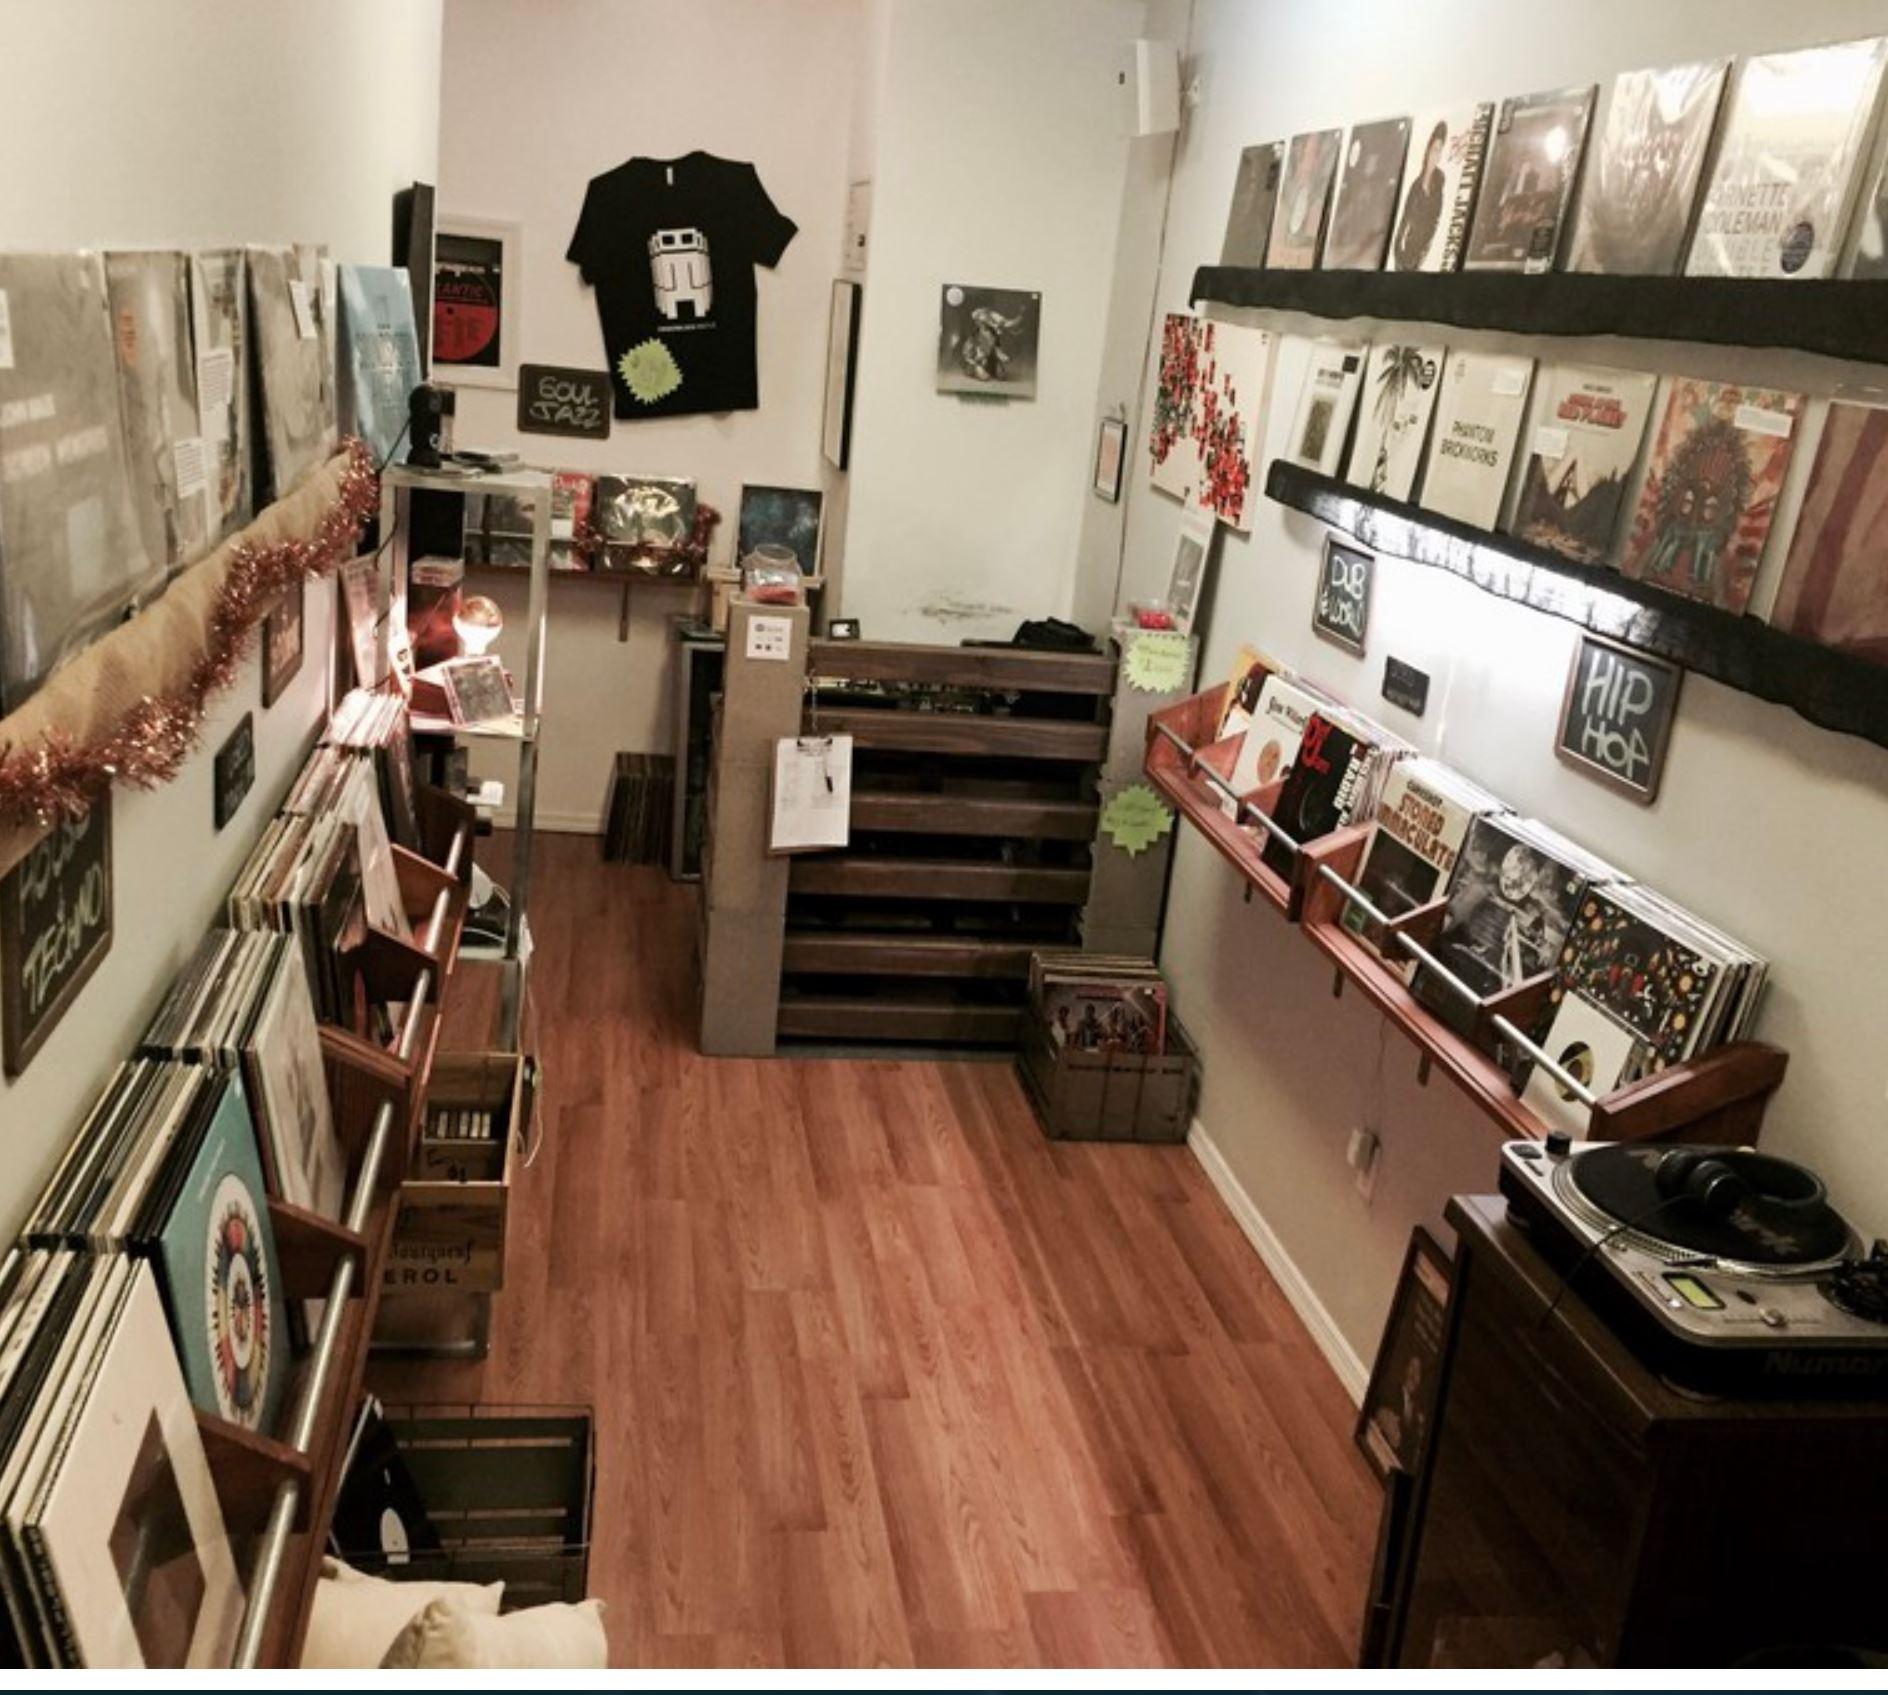 cinderblock people shop yeee.JPG